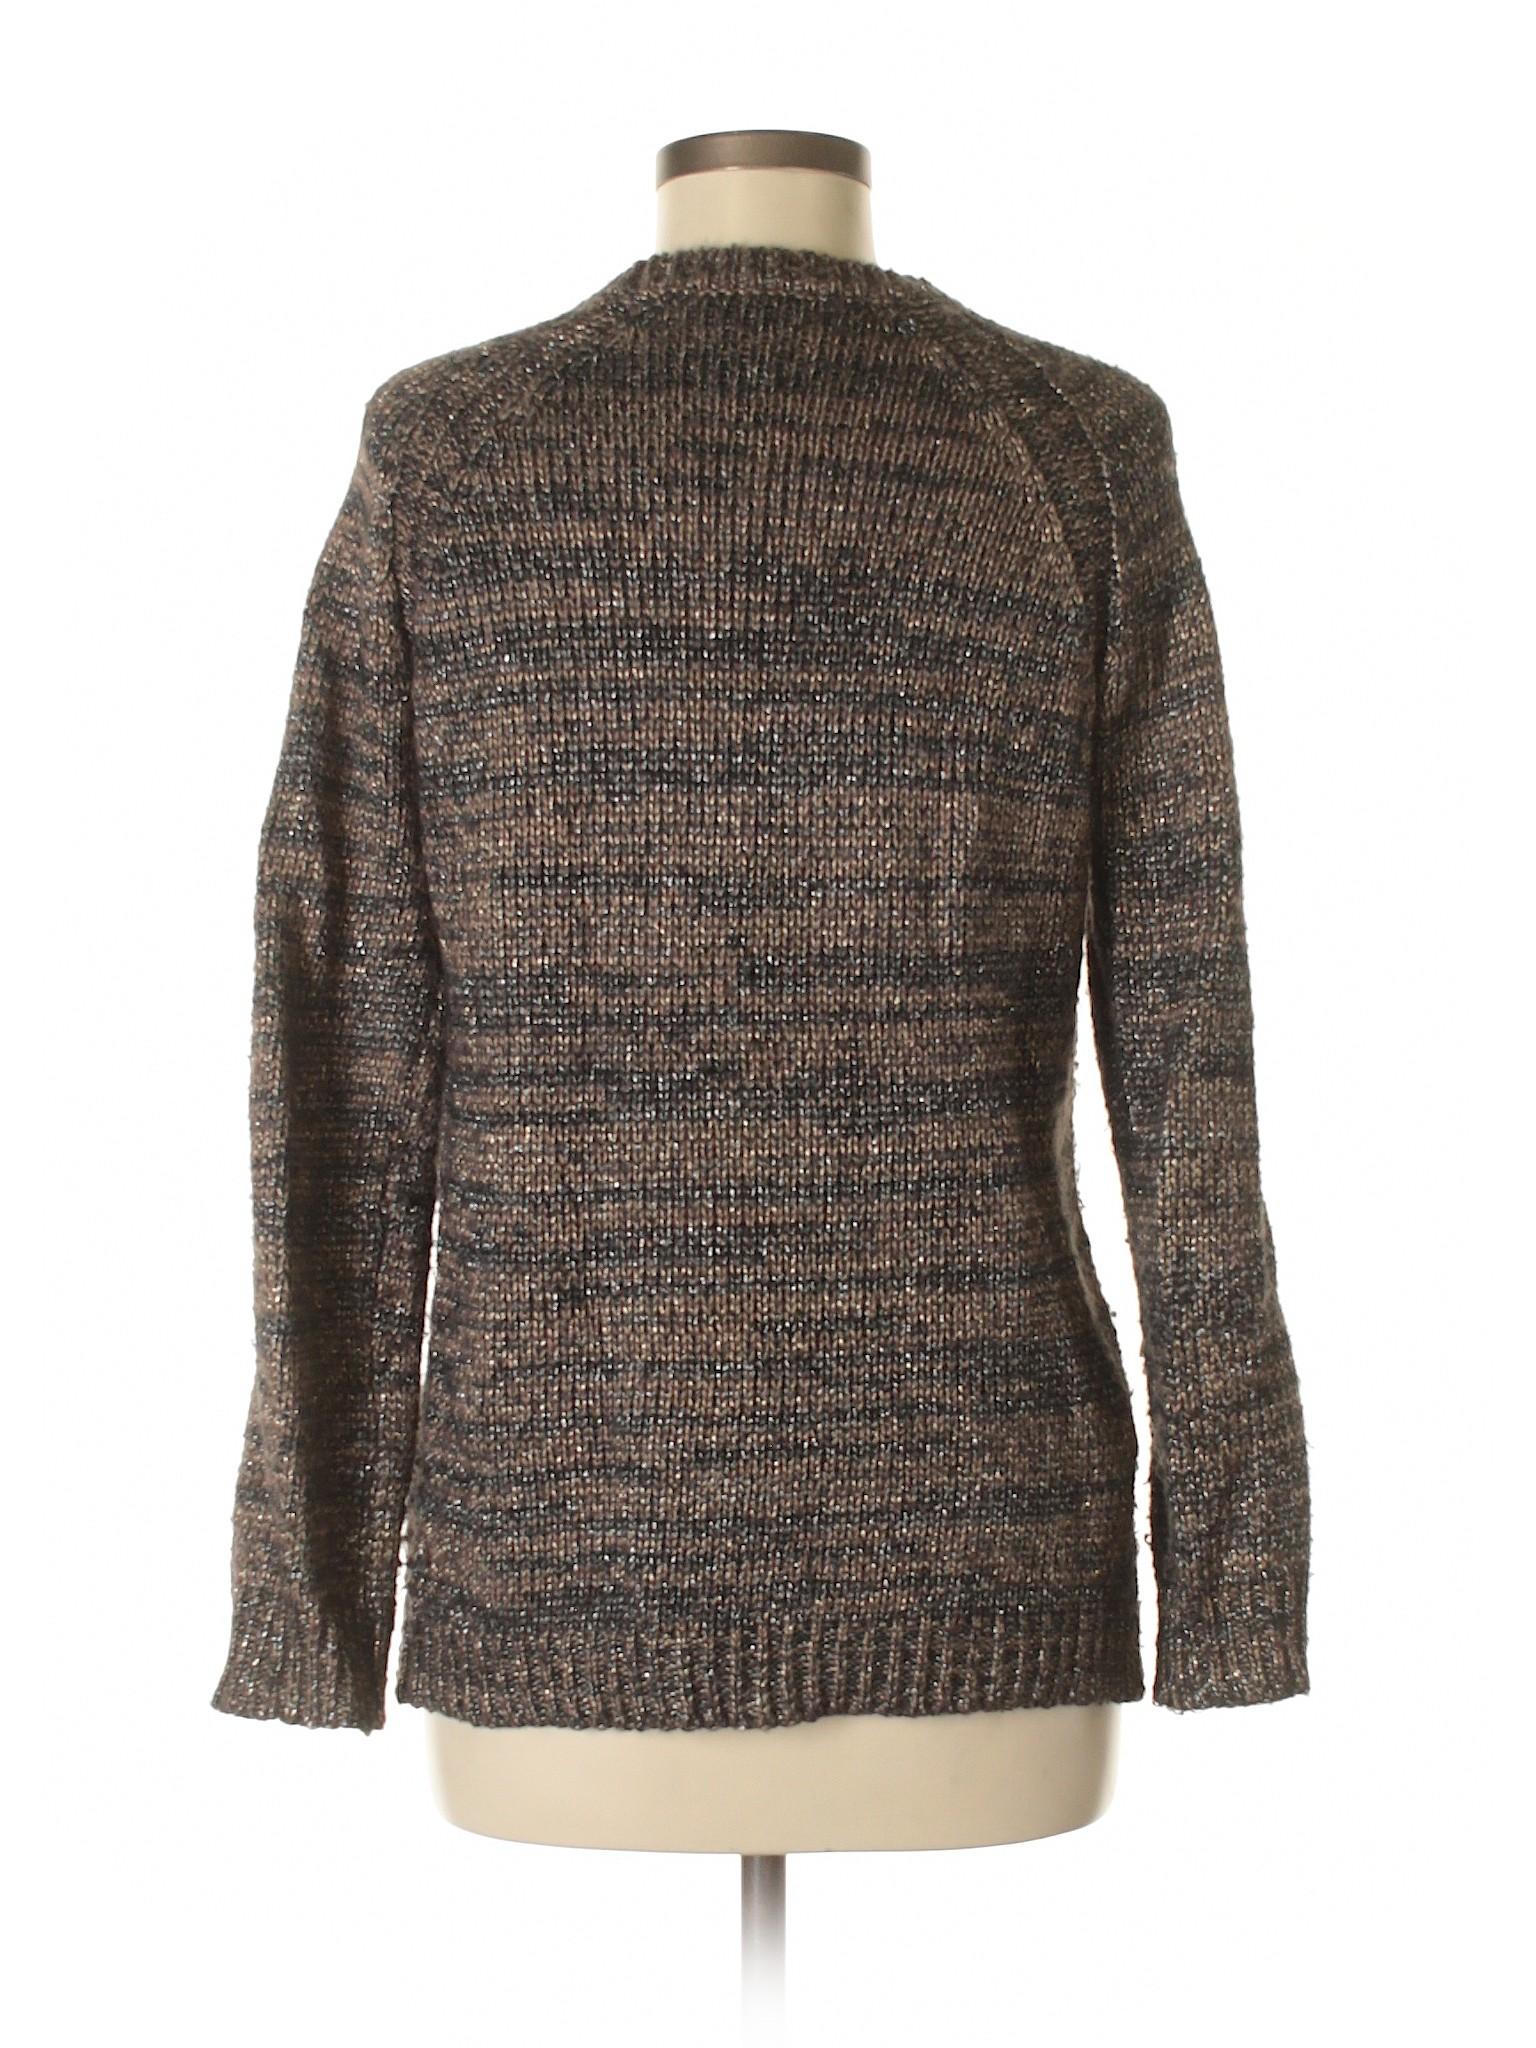 Mango Sweater winter Pullover Mango Boutique Boutique winter 8OwzqI6nYx